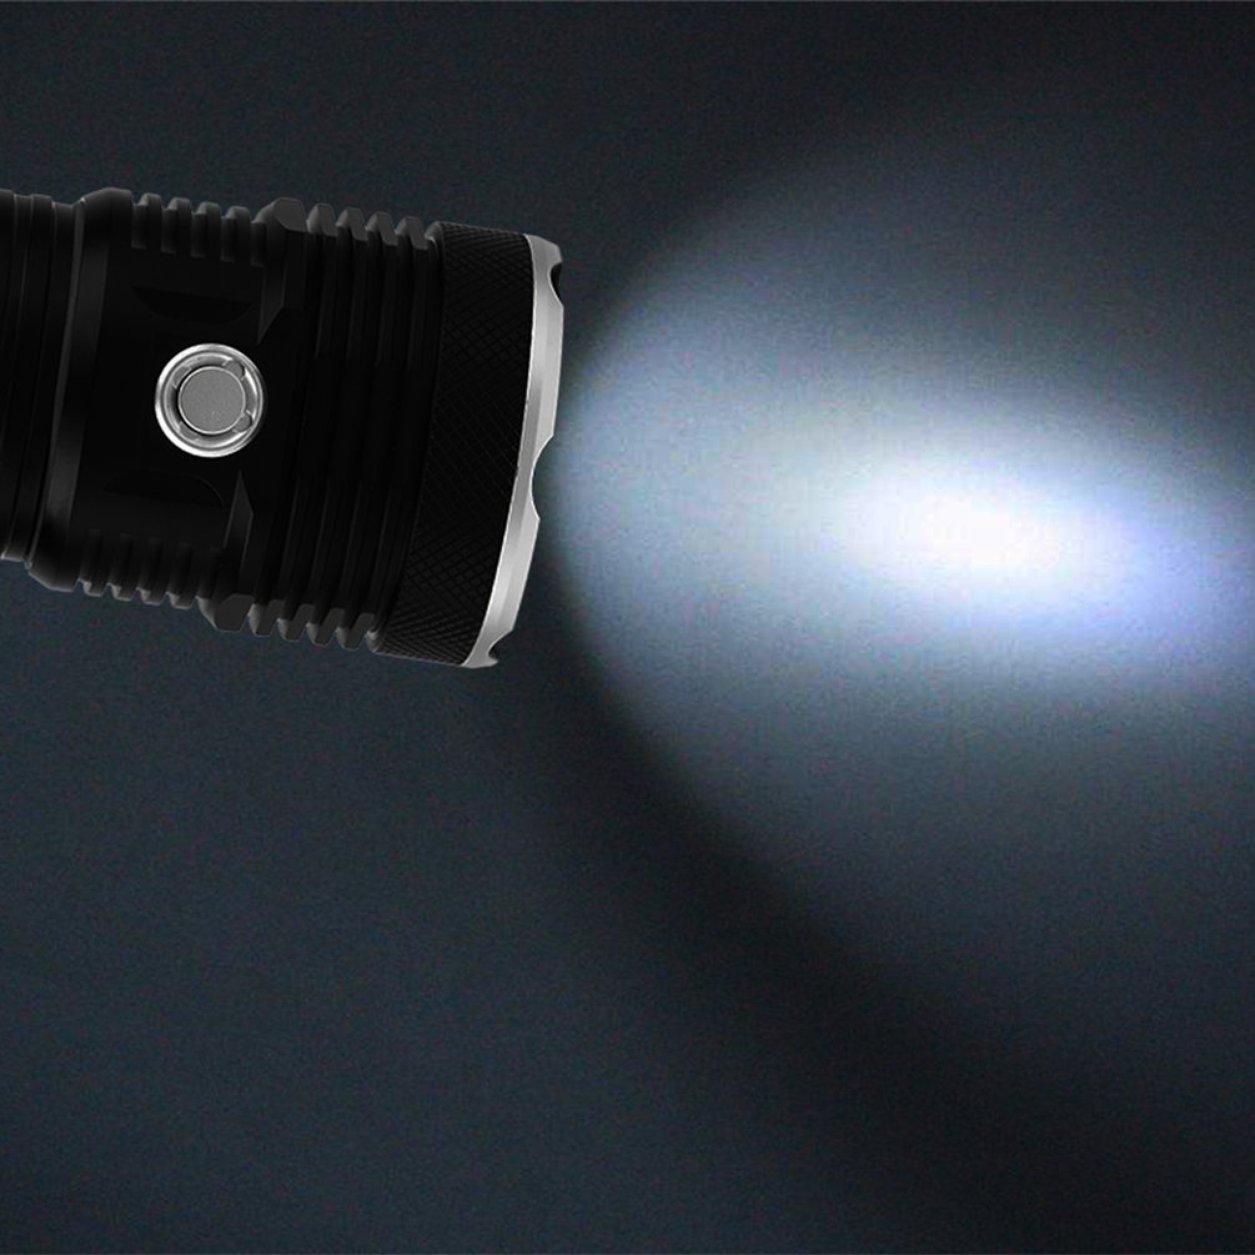 Aleación de aluminio T6 Súper la brillante acampar al aire libre que camina la Súper linterna de la caza (color: negro) 716851